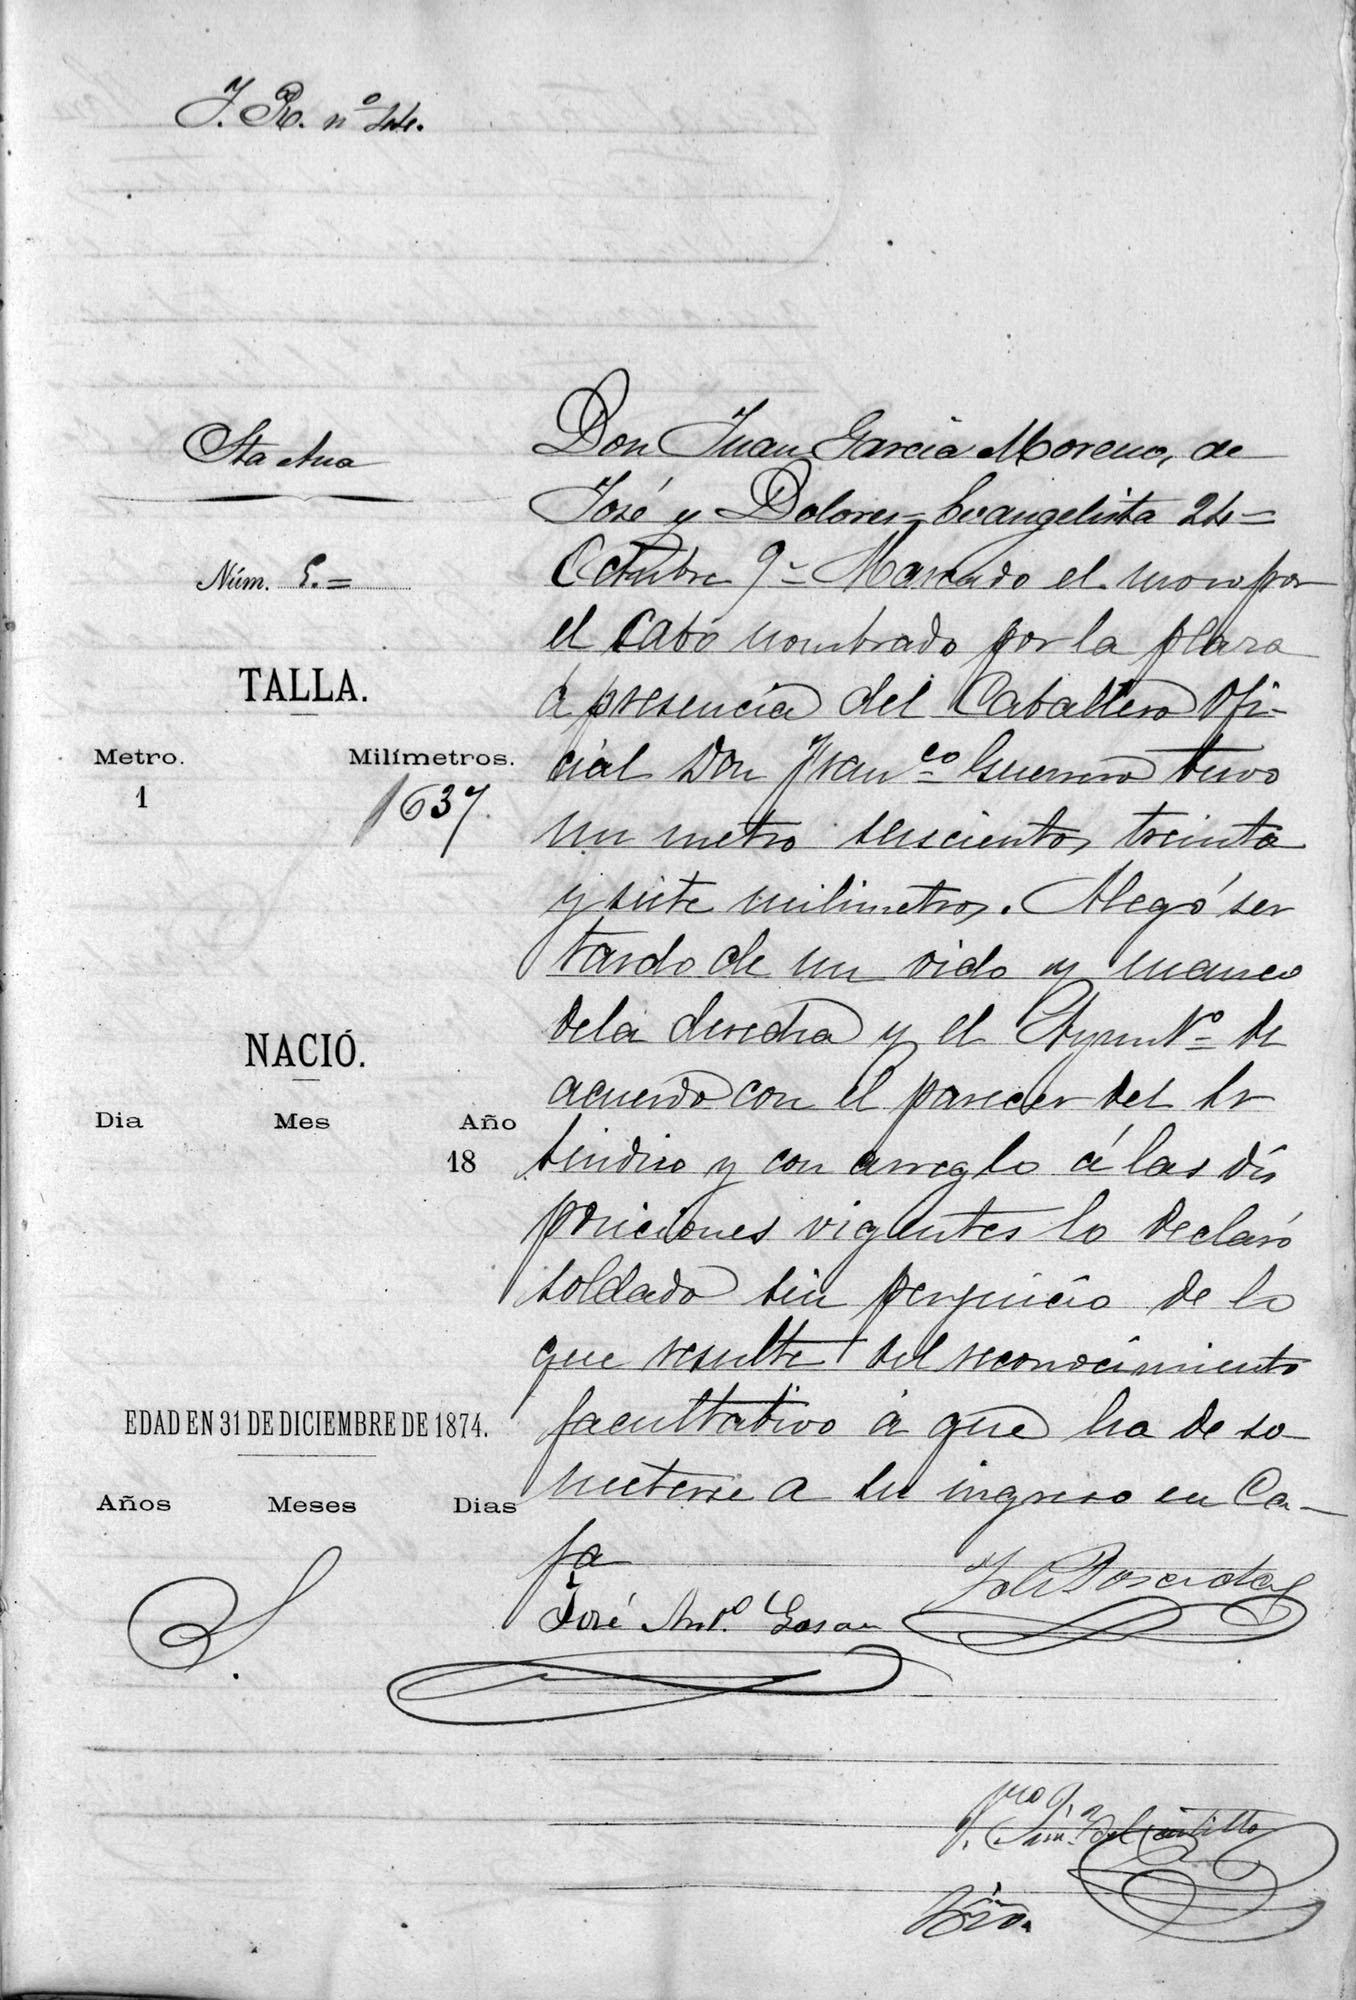 Quinta de Juan el Pelao, 1874. Archivo Manuel Bohórquez.